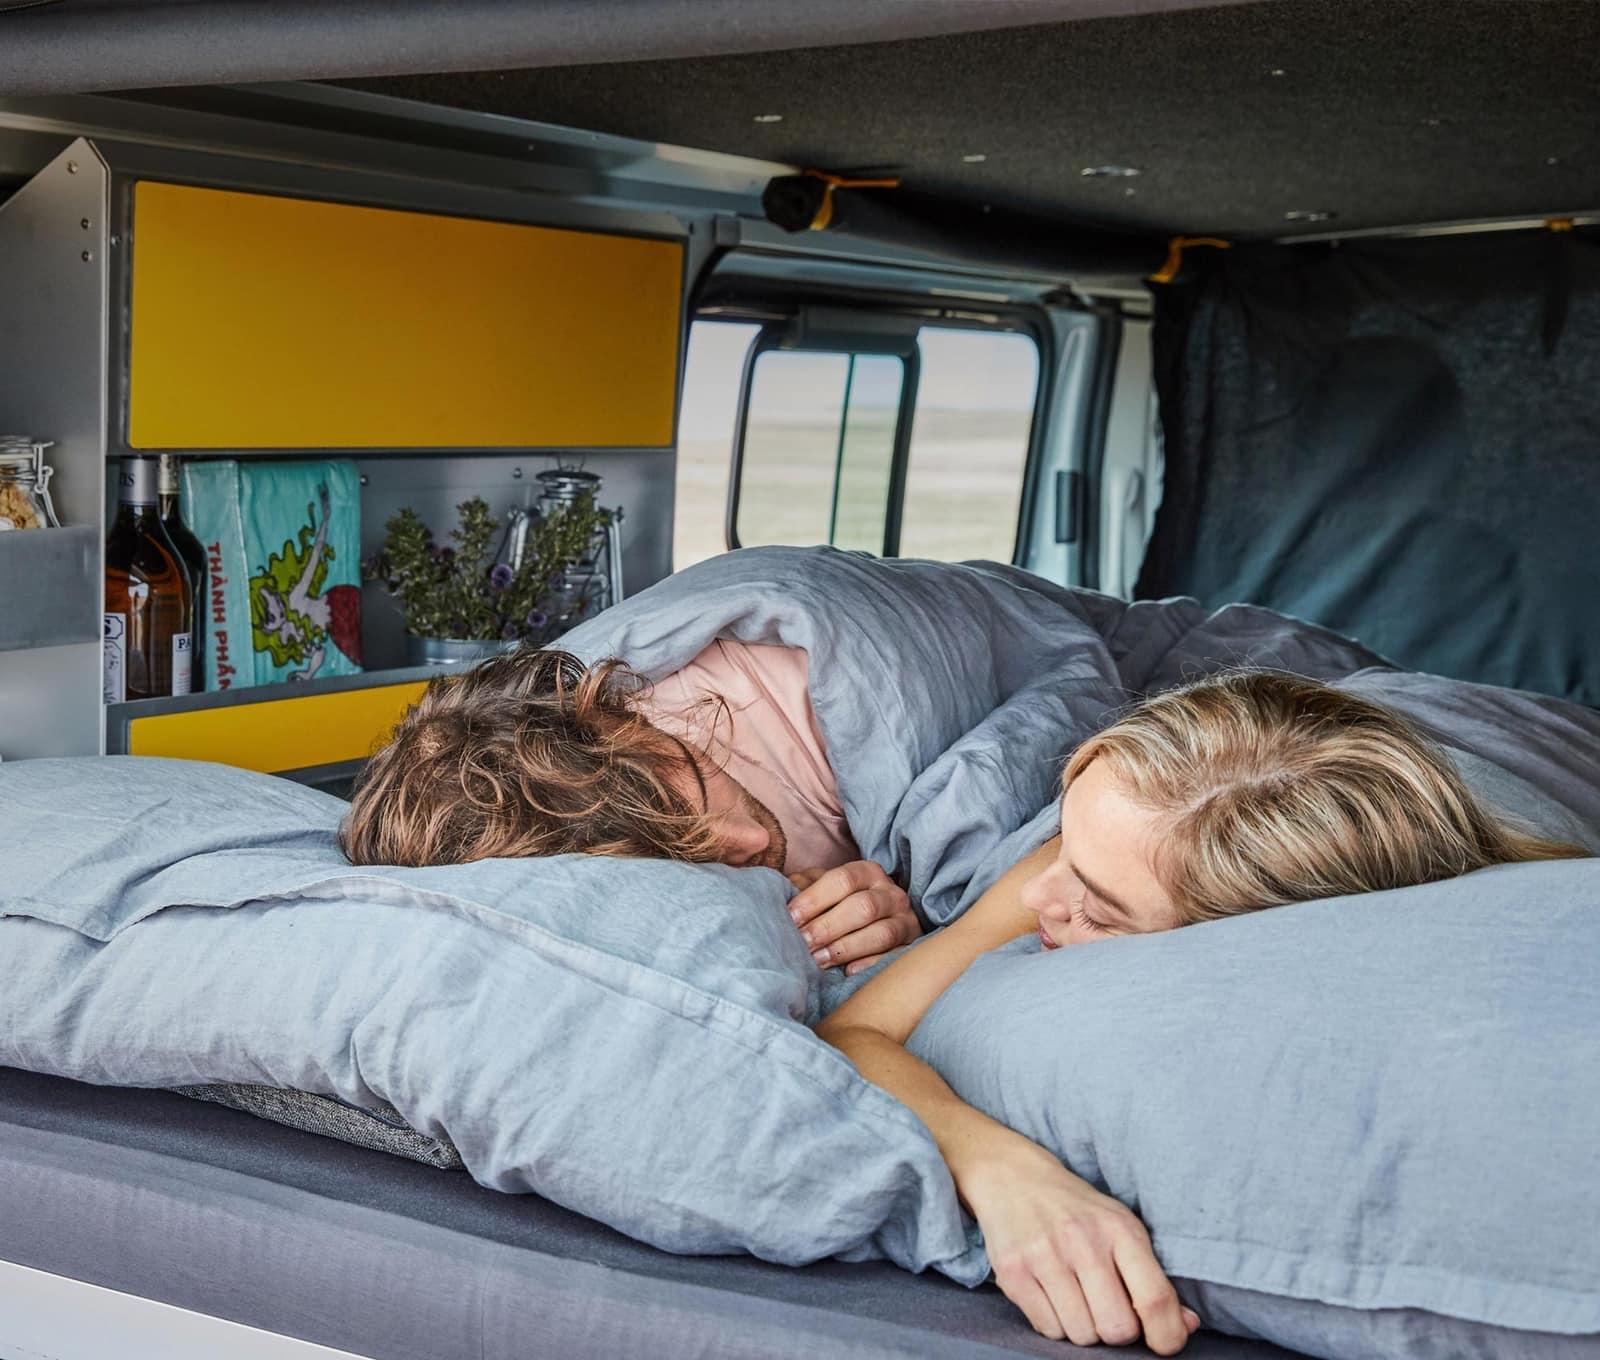 Yellowcamper Classic für erholsamen Schlaf mieten